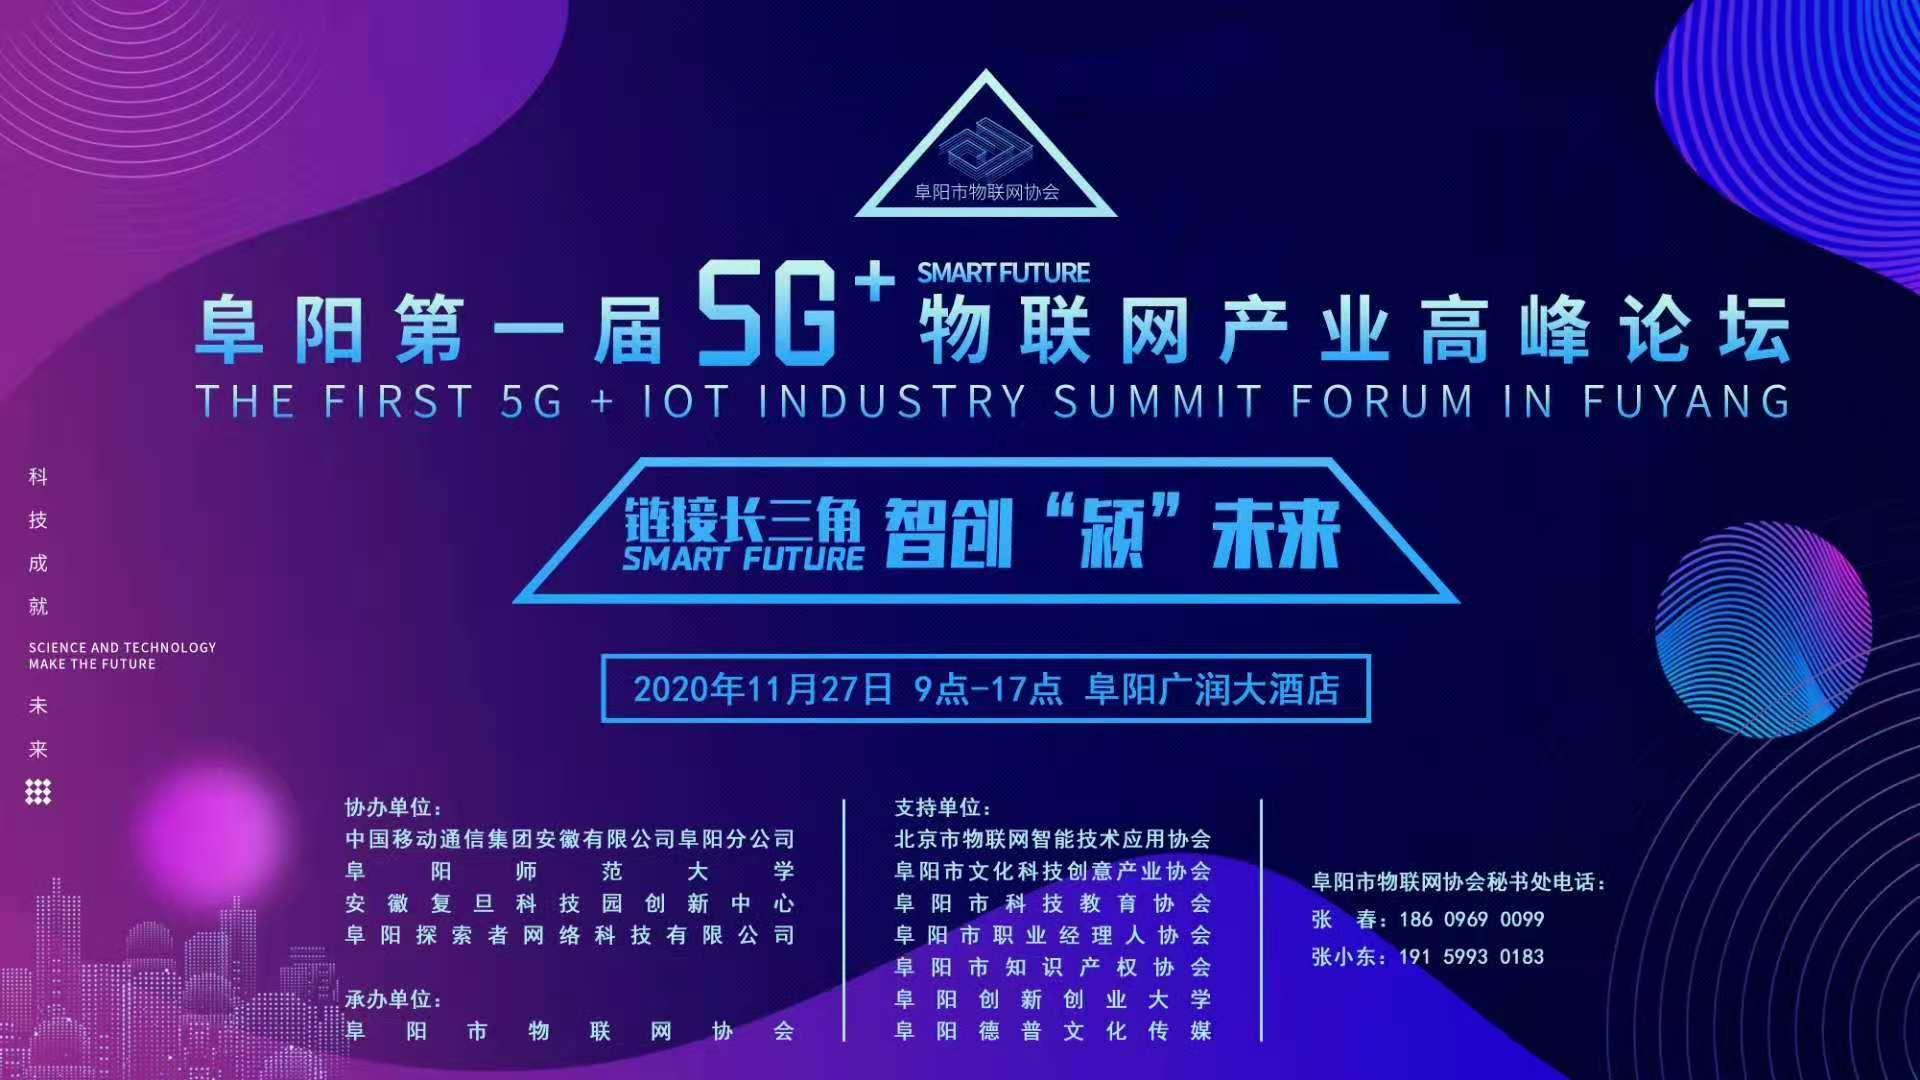 阜陽市第一屆5G+物聯網產業高峰論壇將于2020年11月27日隆重舉行!